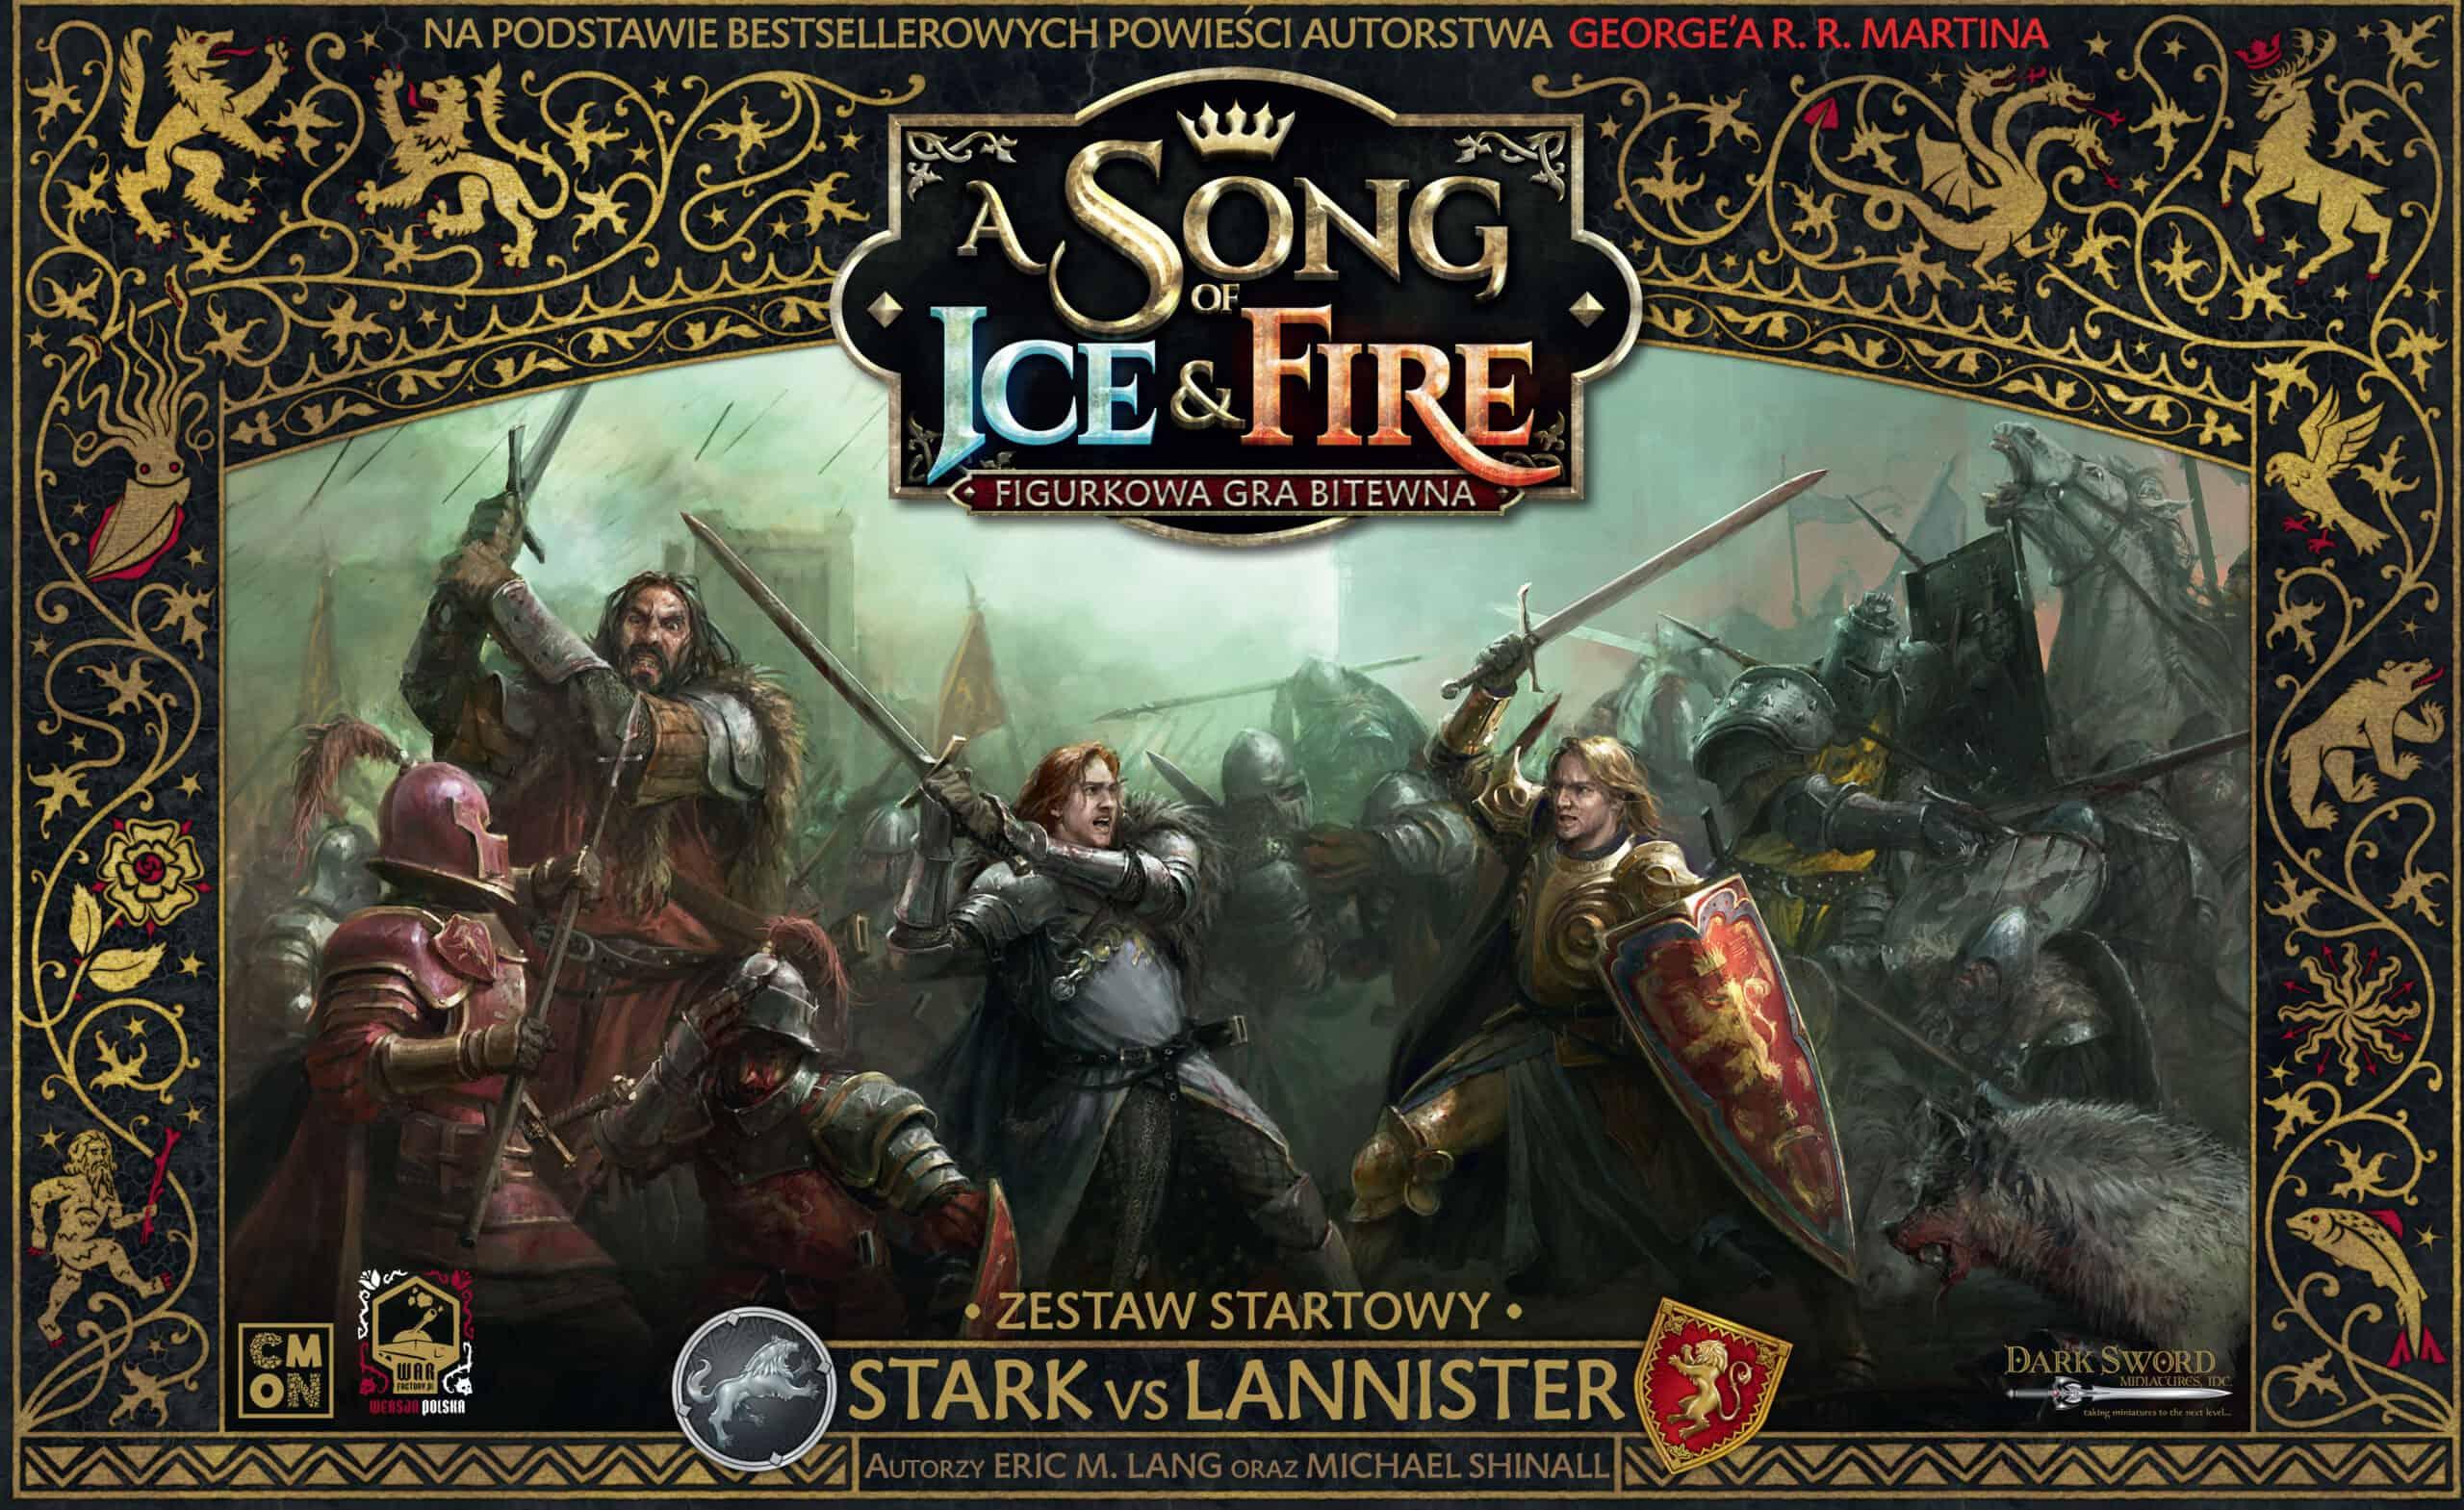 Starter Stark VS Lannister